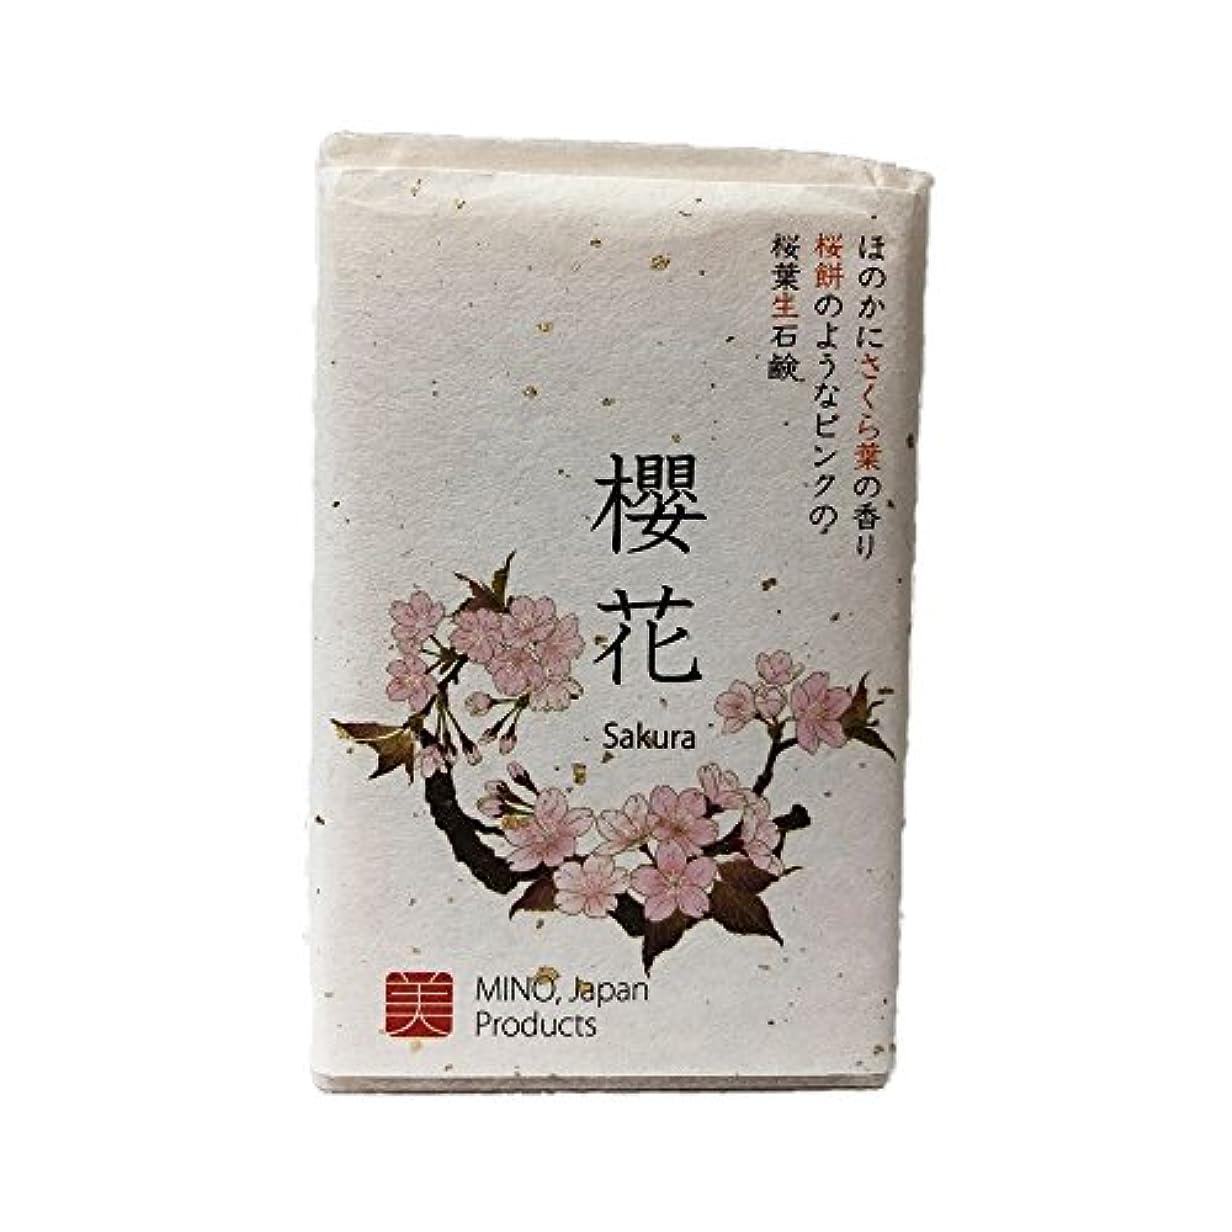 便利色合いピンク桜葉生石鹸 櫻花